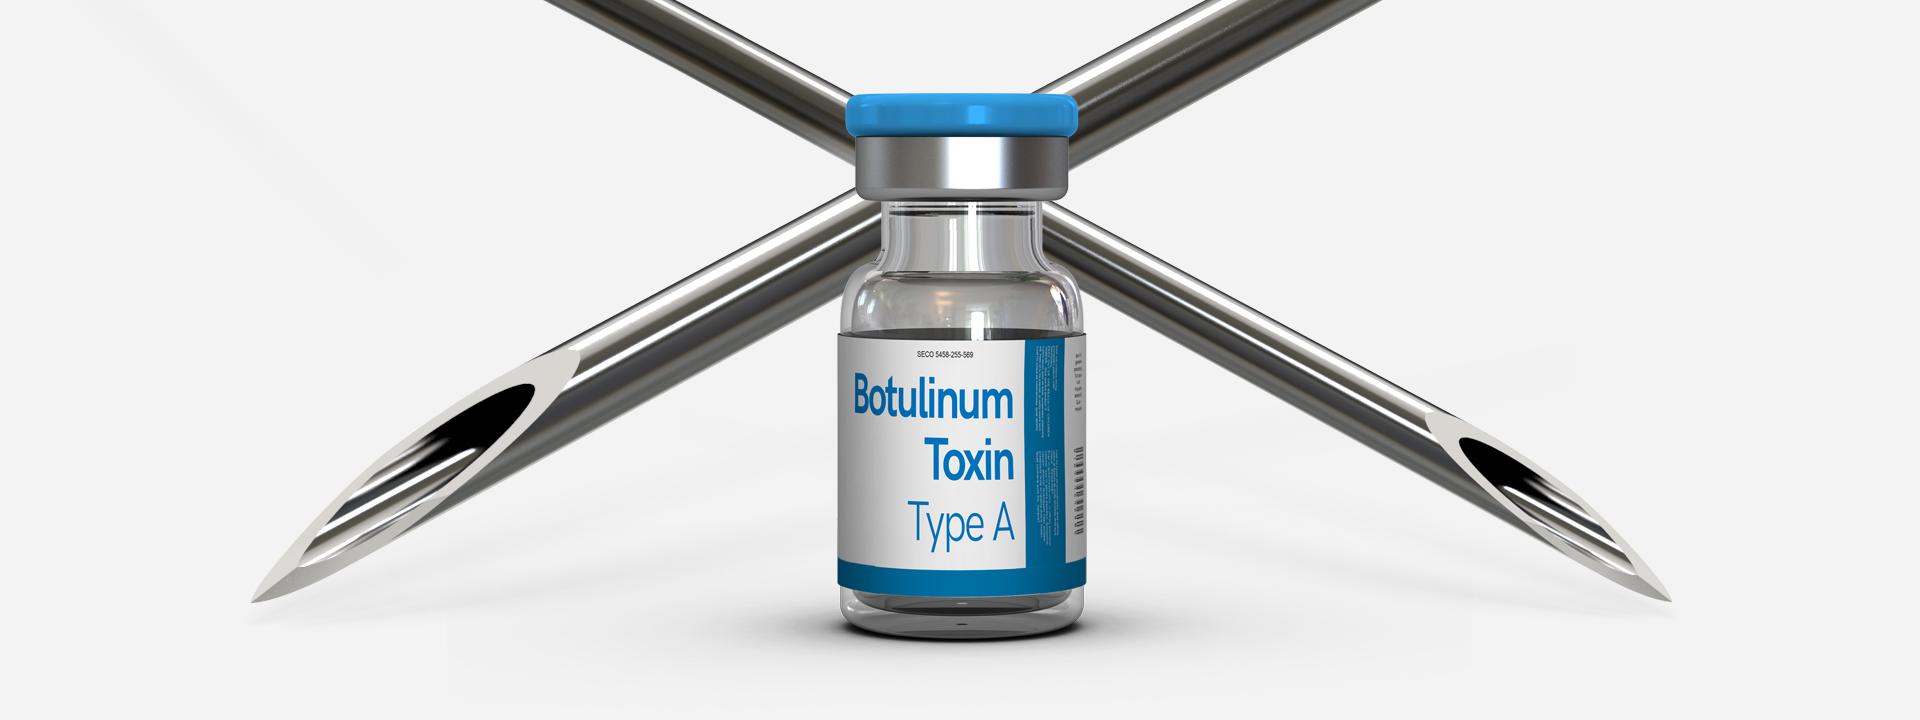 botulinum toxin 4 szemölcsök a nyelv kezelésében